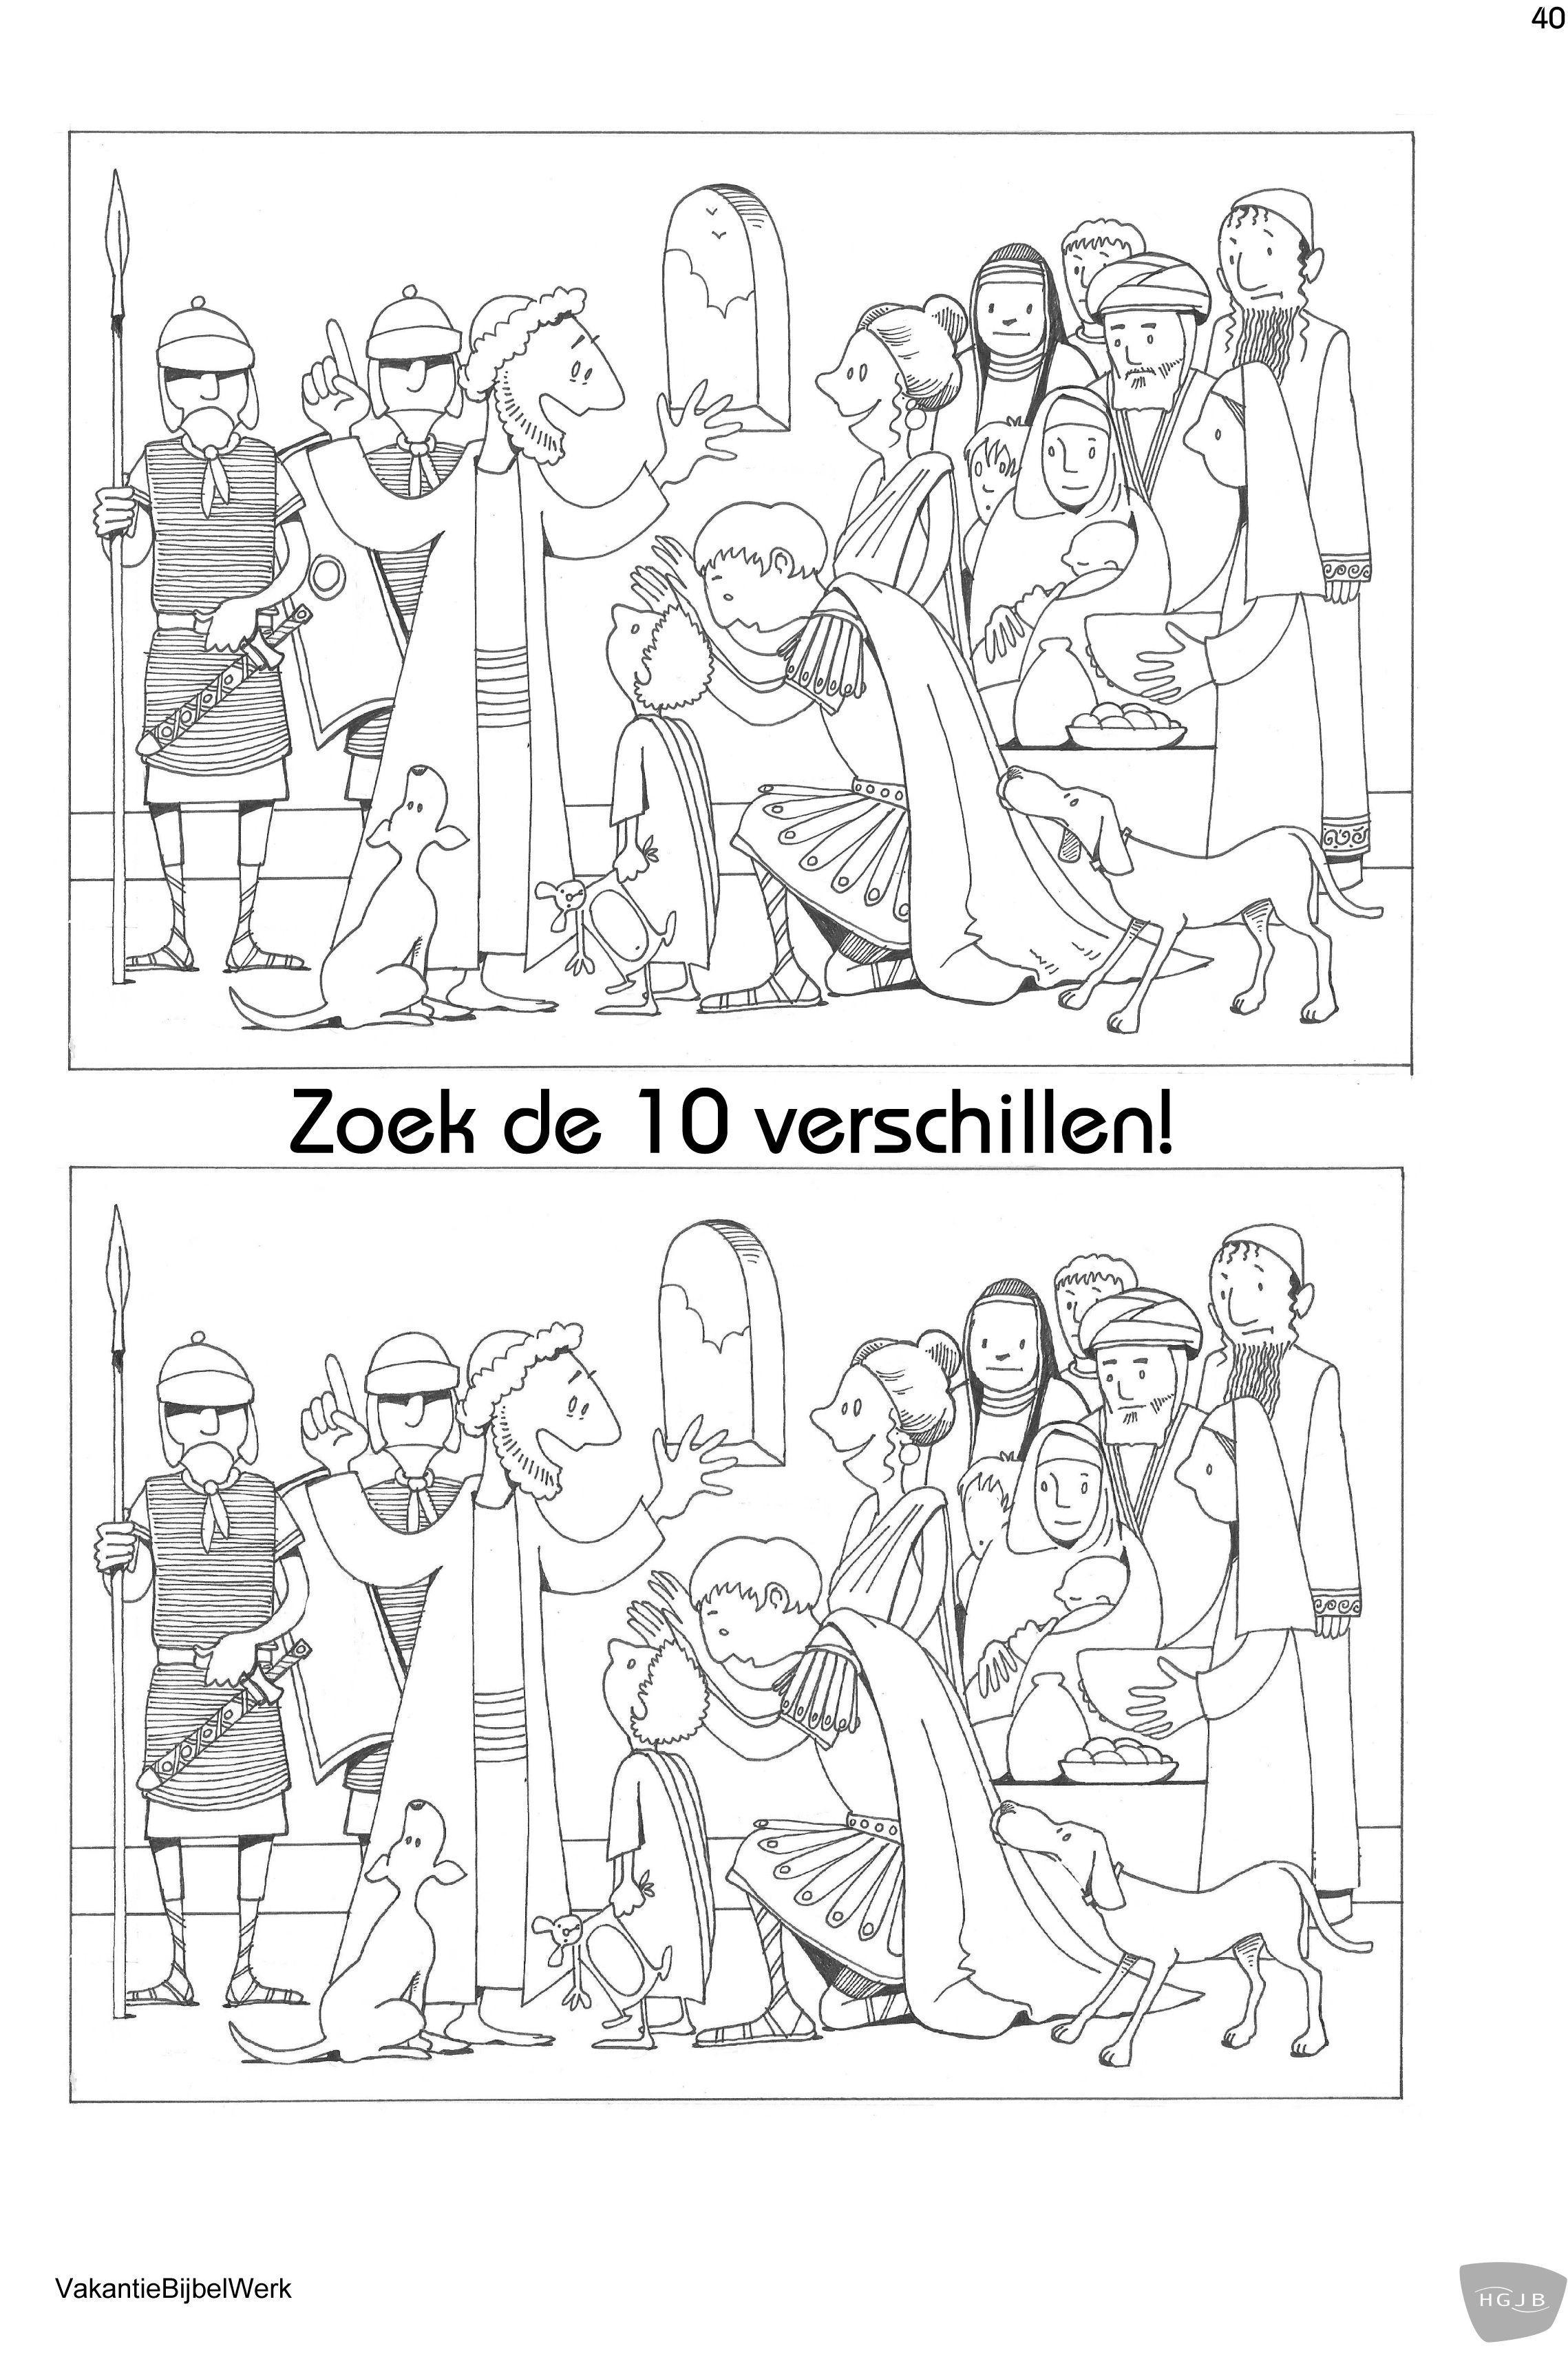 zoek de 10 verschillen jezus en de centurion spot the 10